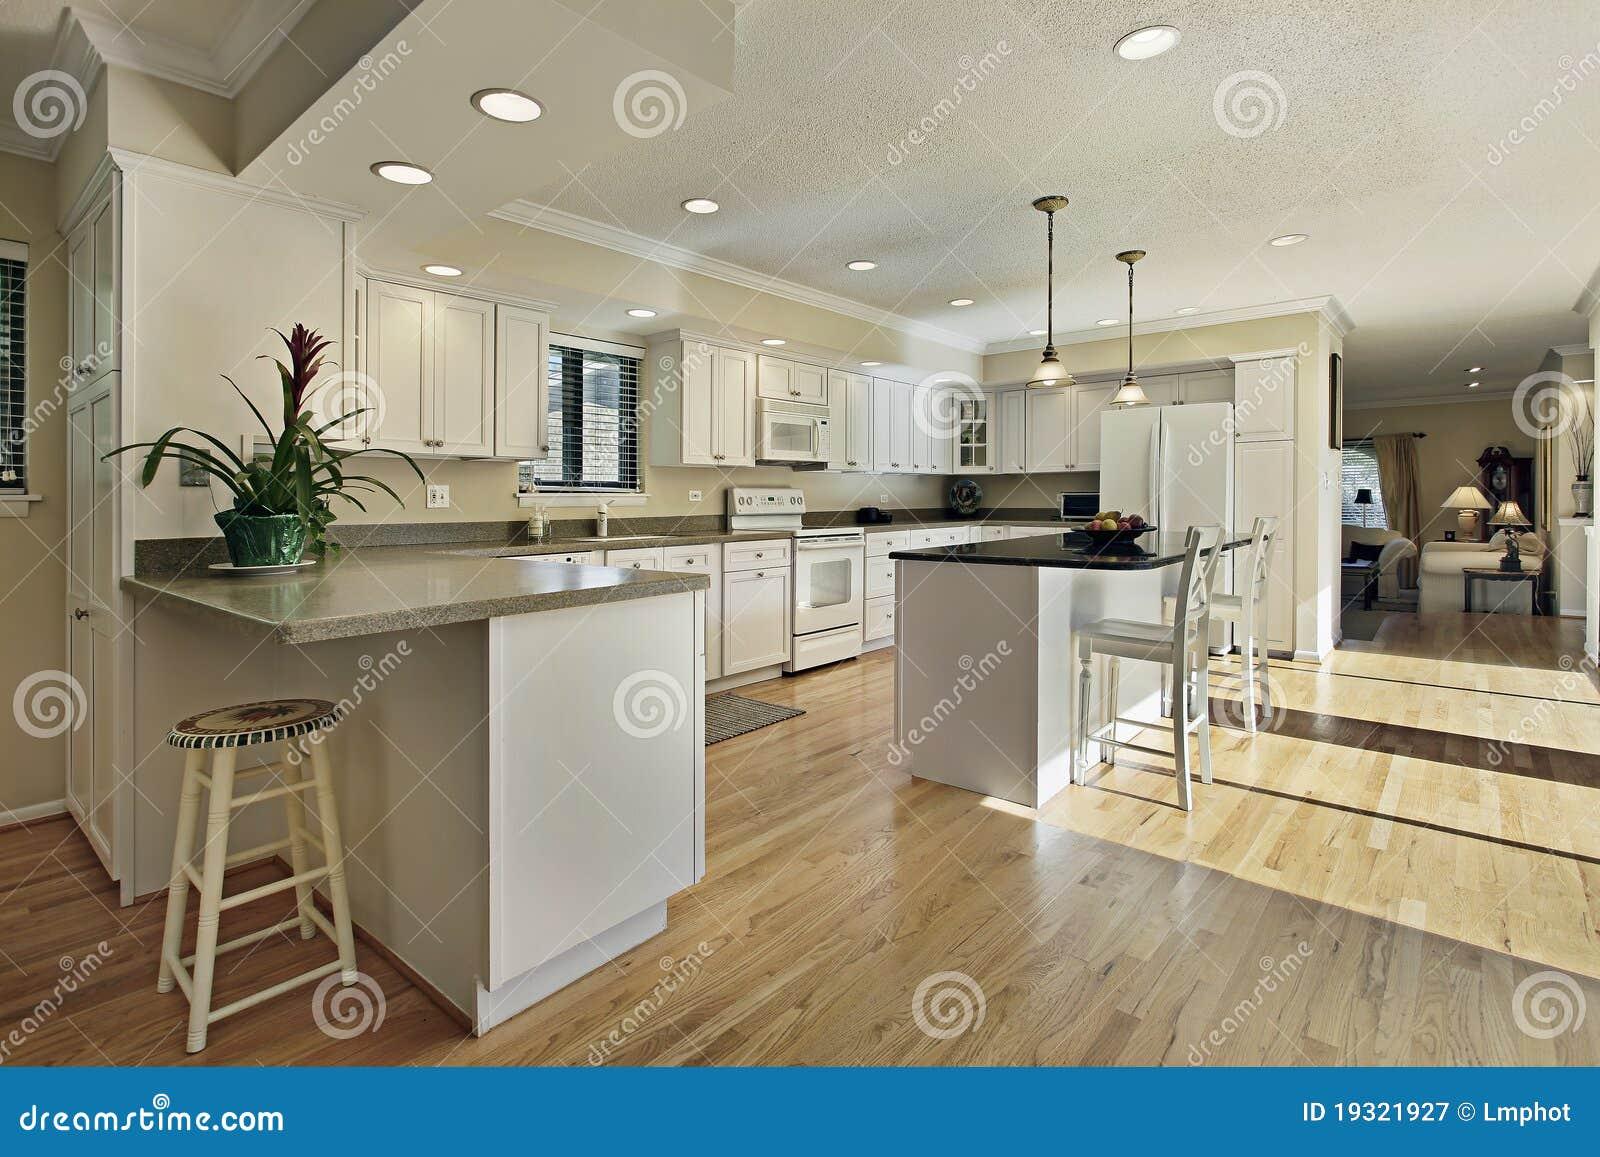 Grote keuken met de bovenkant van het granieteiland royalty vrije stock fotografie afbeelding - Keuken met teller ...